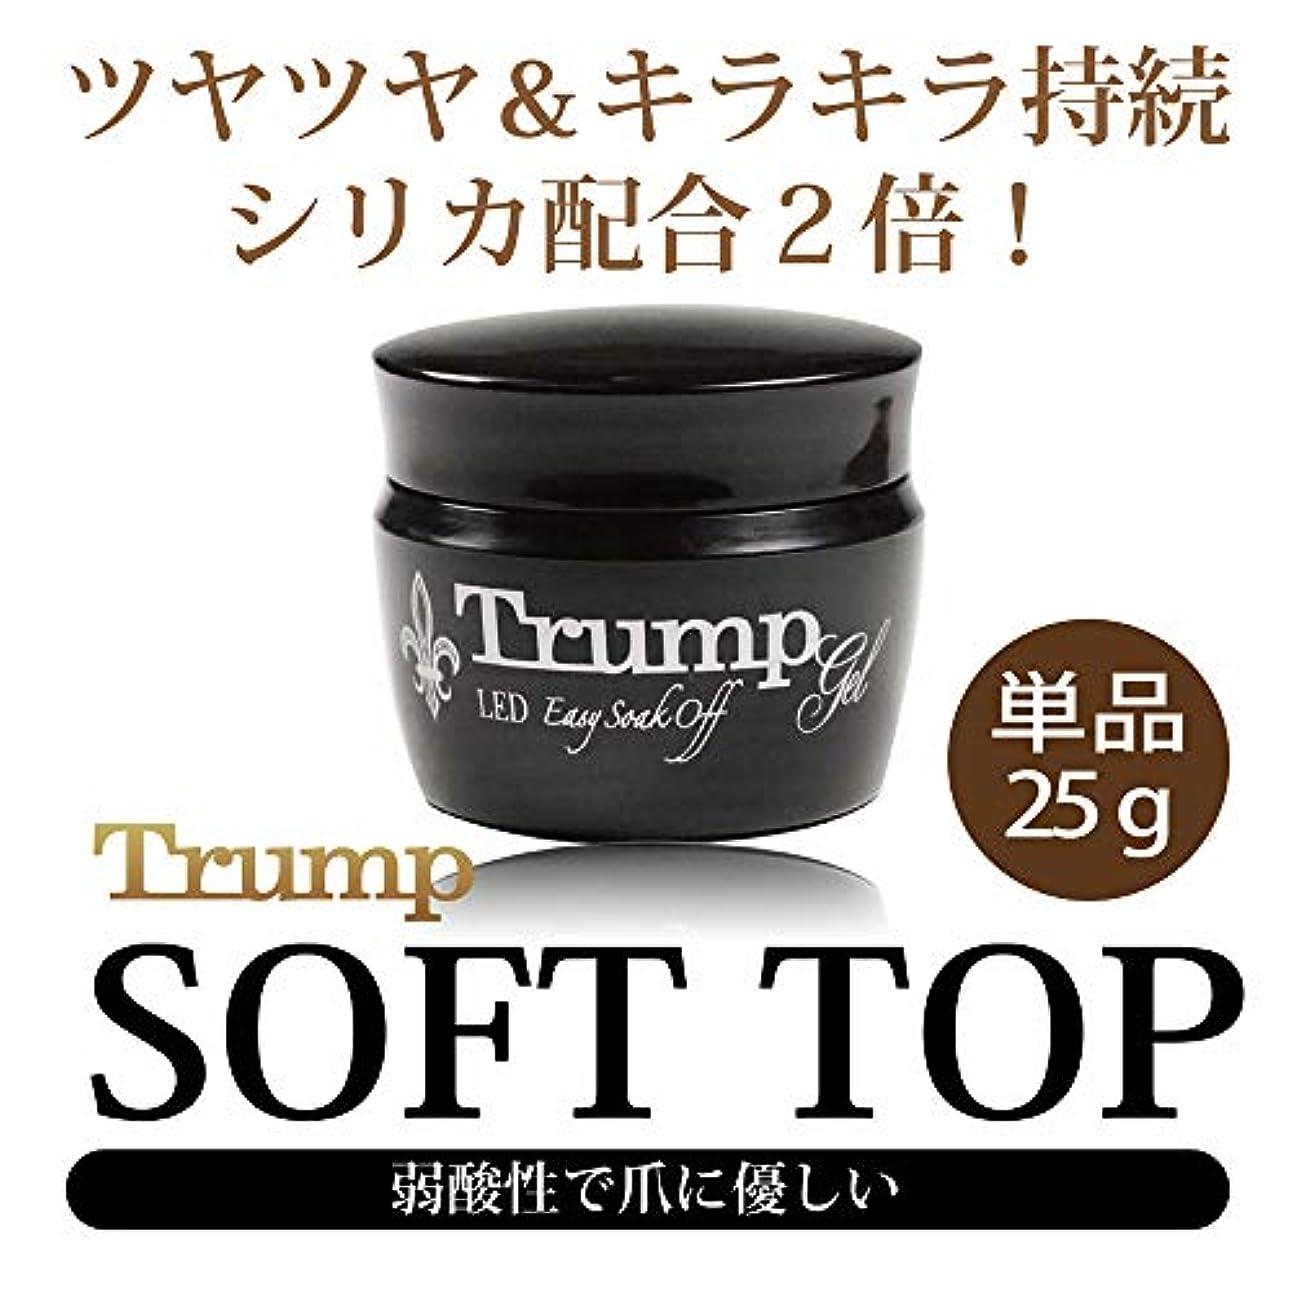 問い合わせるハチエンターテインメントTrump ソフトクリアージェル 25g